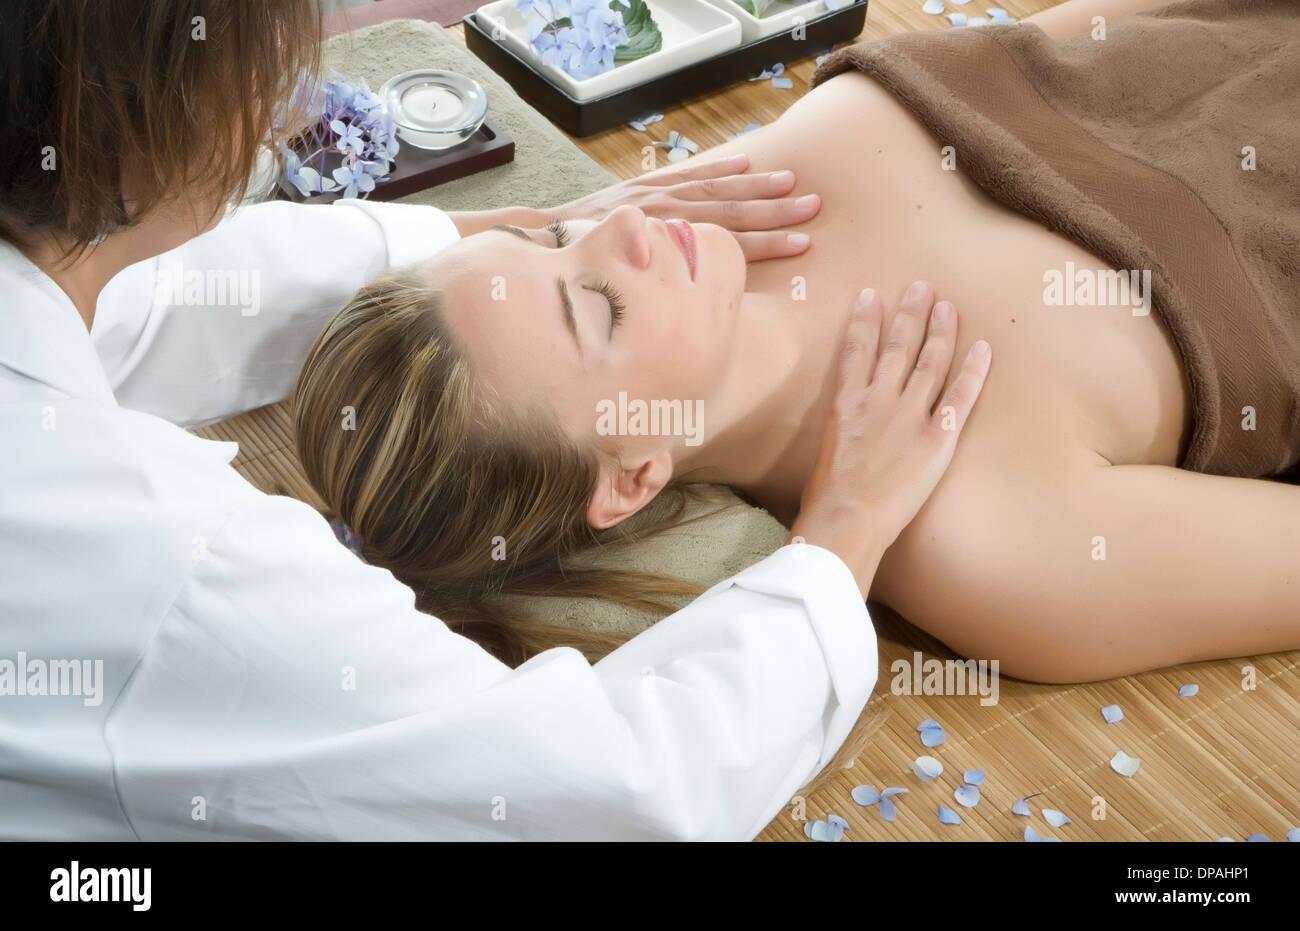 Masseuse giving shoulder massage at spa - Stock Image